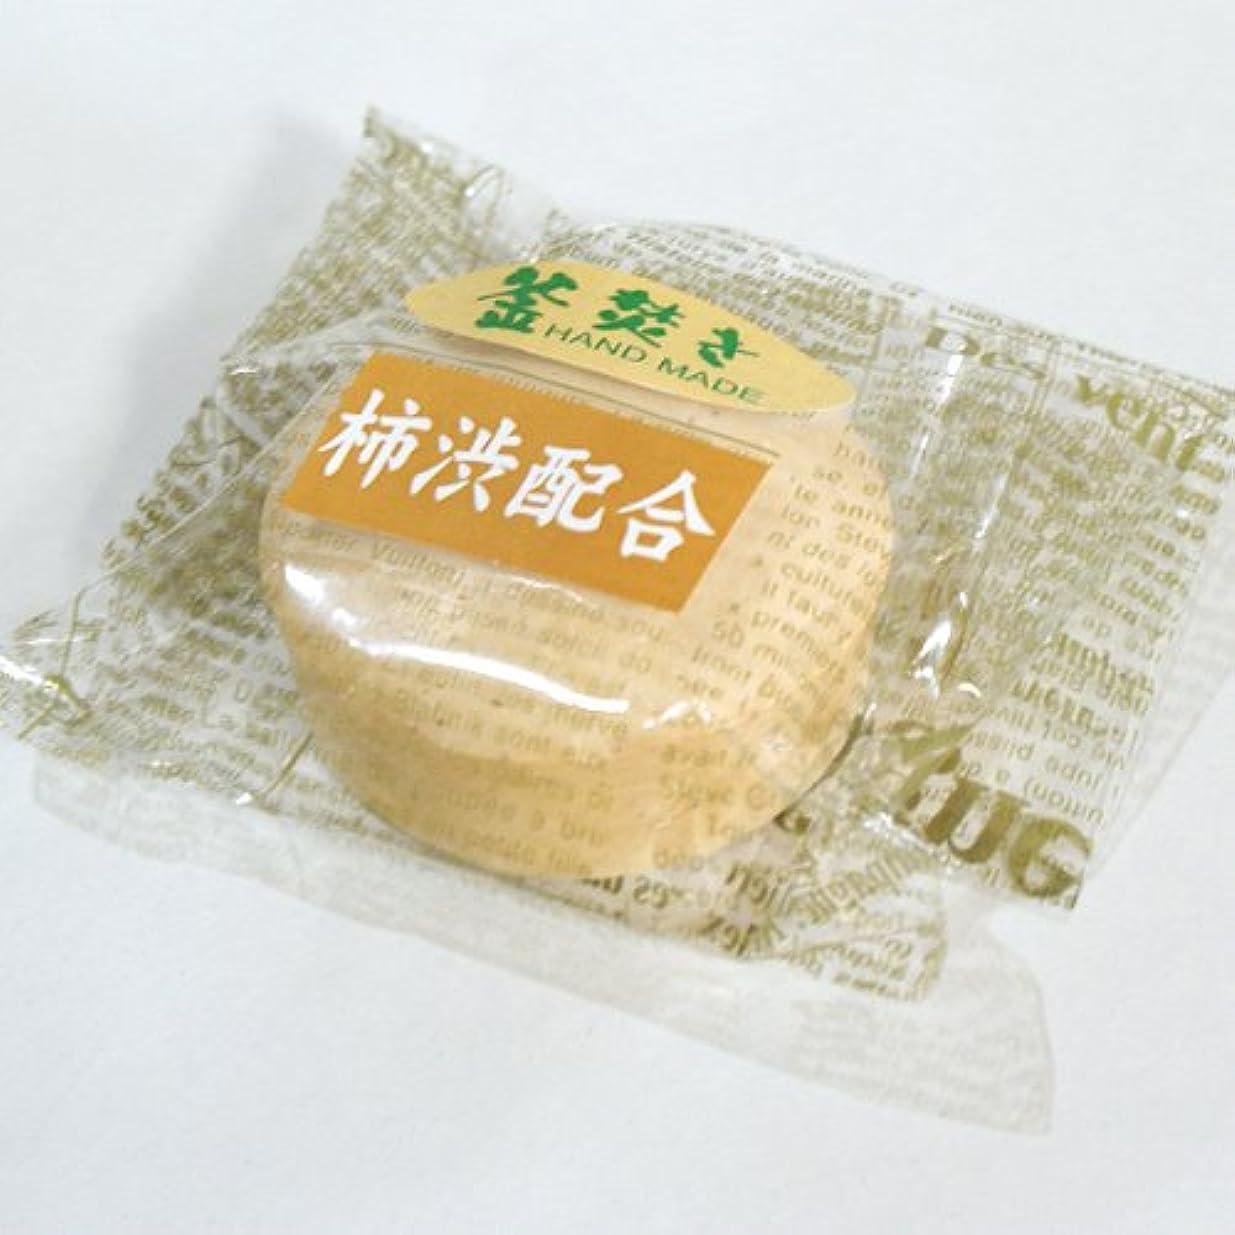 ママインタフェースお願いします八坂石鹸 手作り石けん 柿渋60g